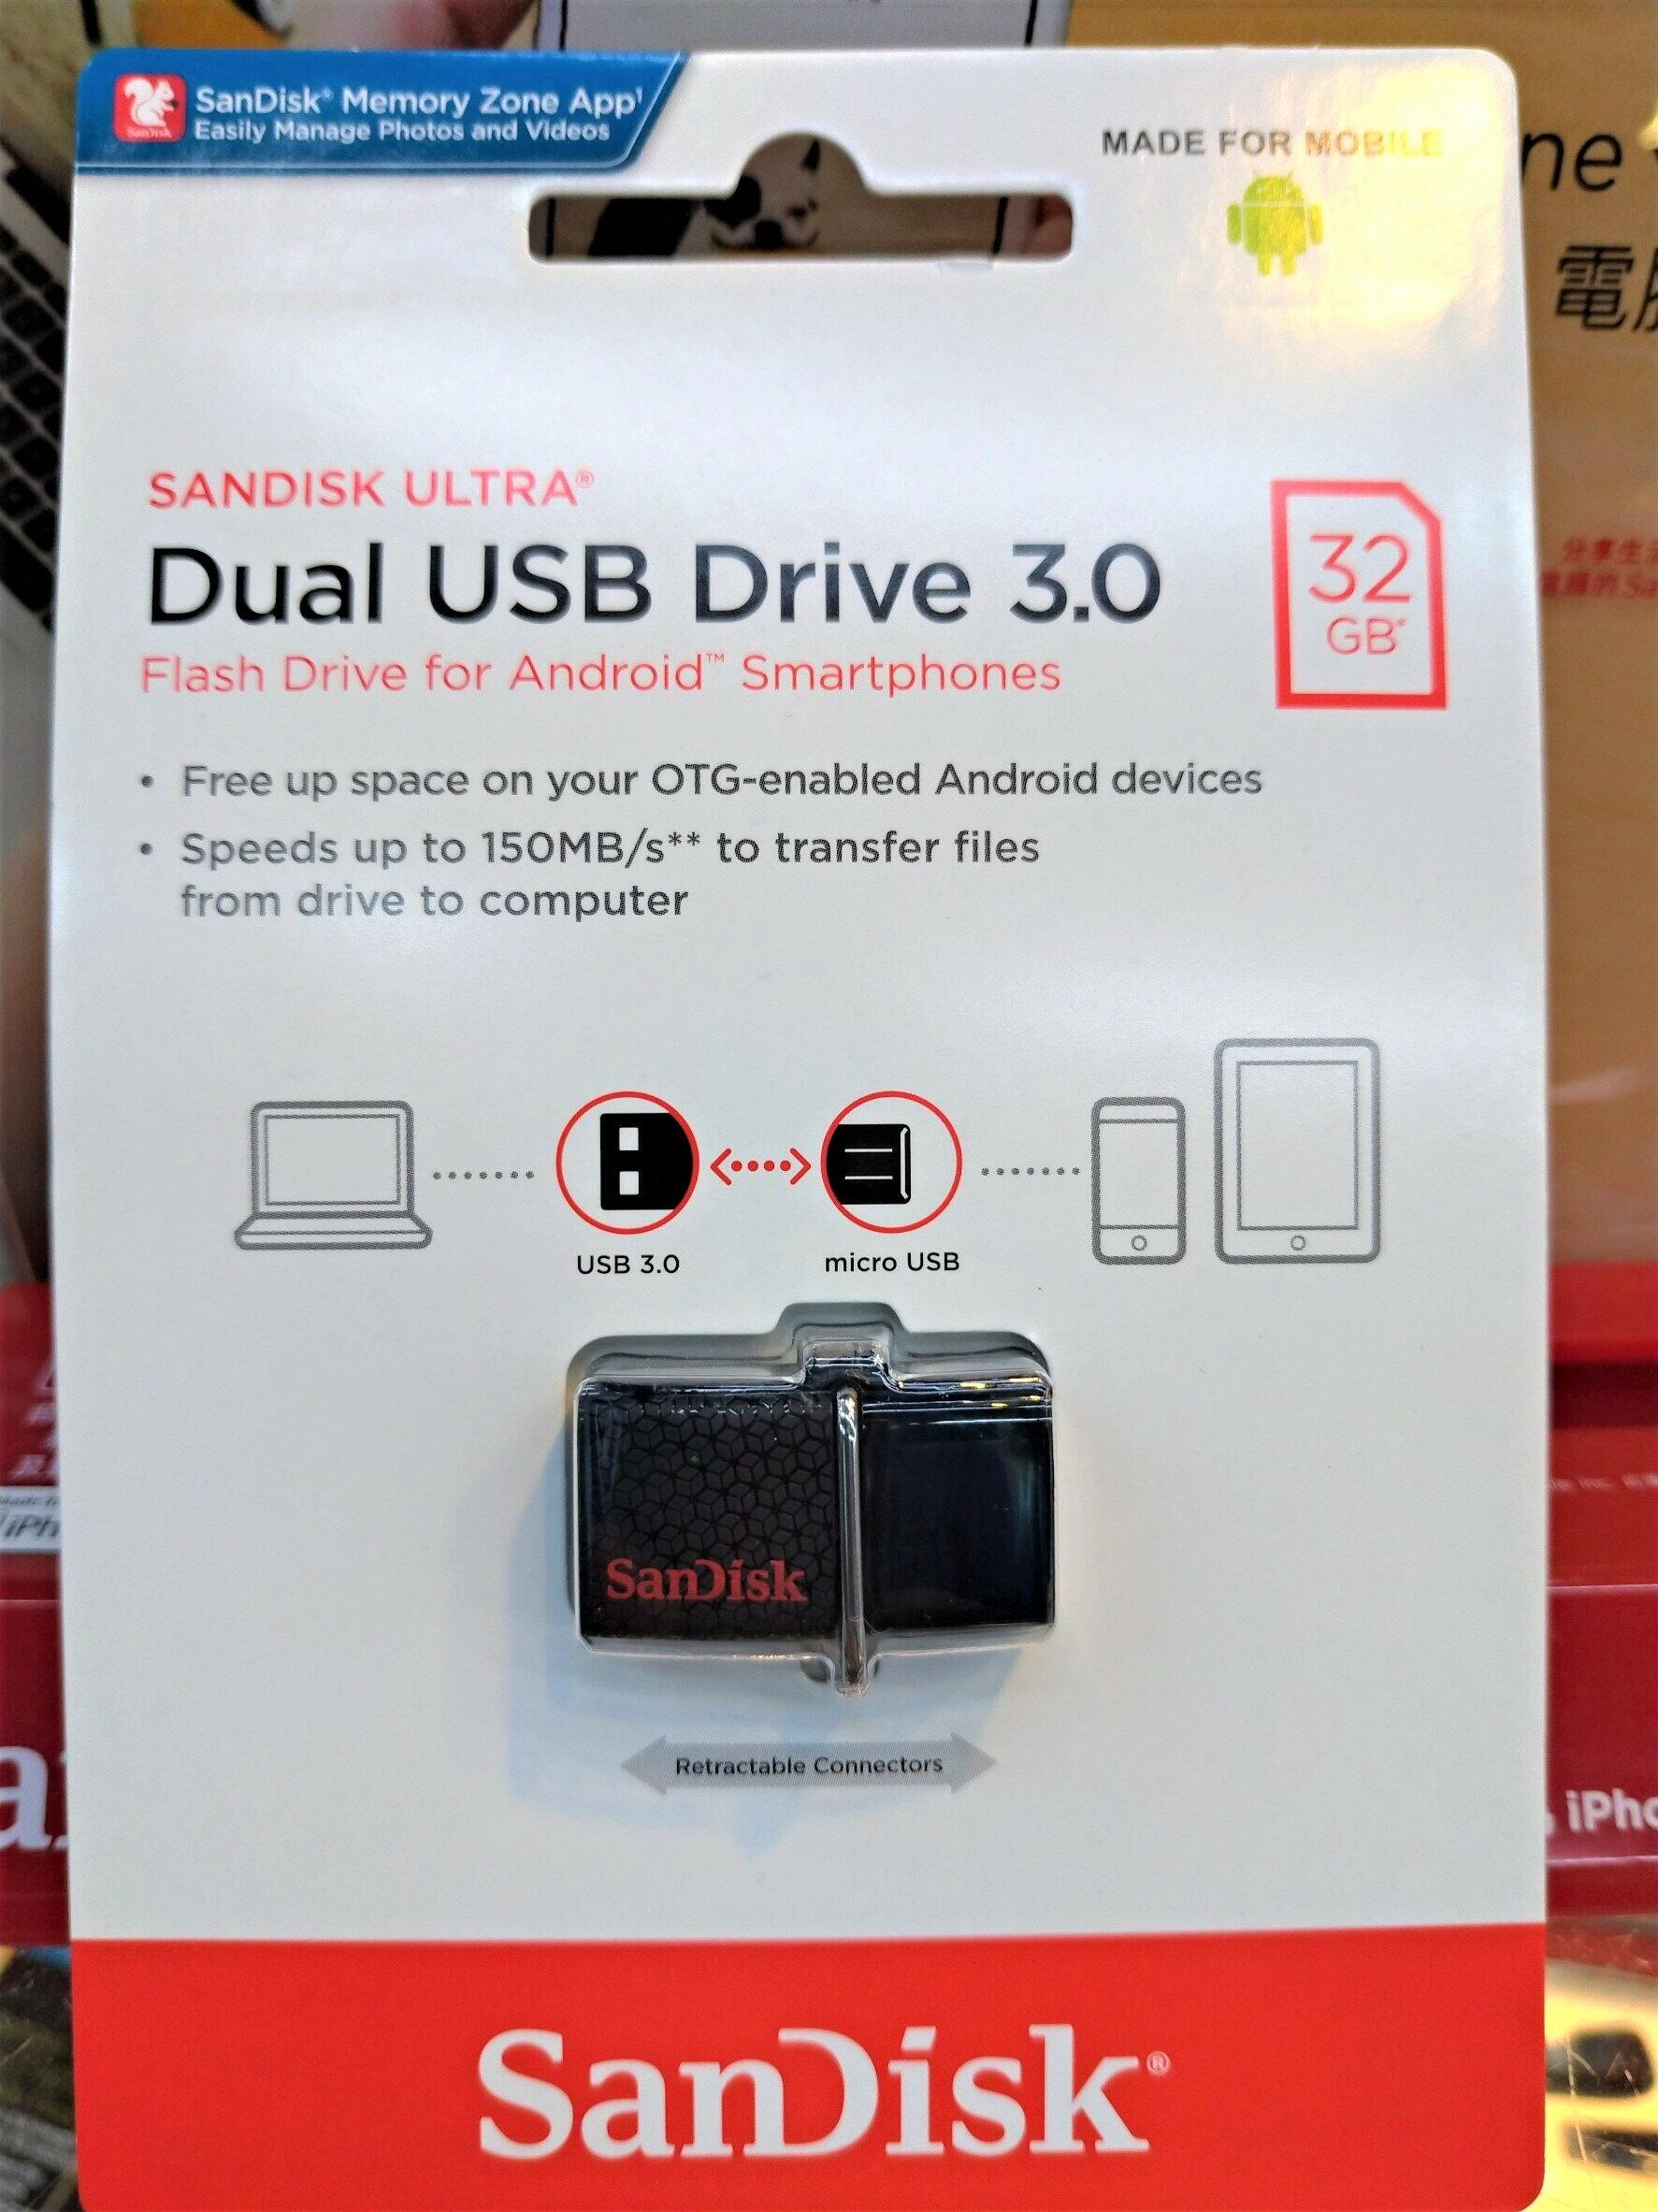 免運 Sandisk 32GB ULTRA SDDD2 USB3.0 32G 雙用隨身碟 Android 安卓專用 OTG 備份 手機儲存碟 公司貨